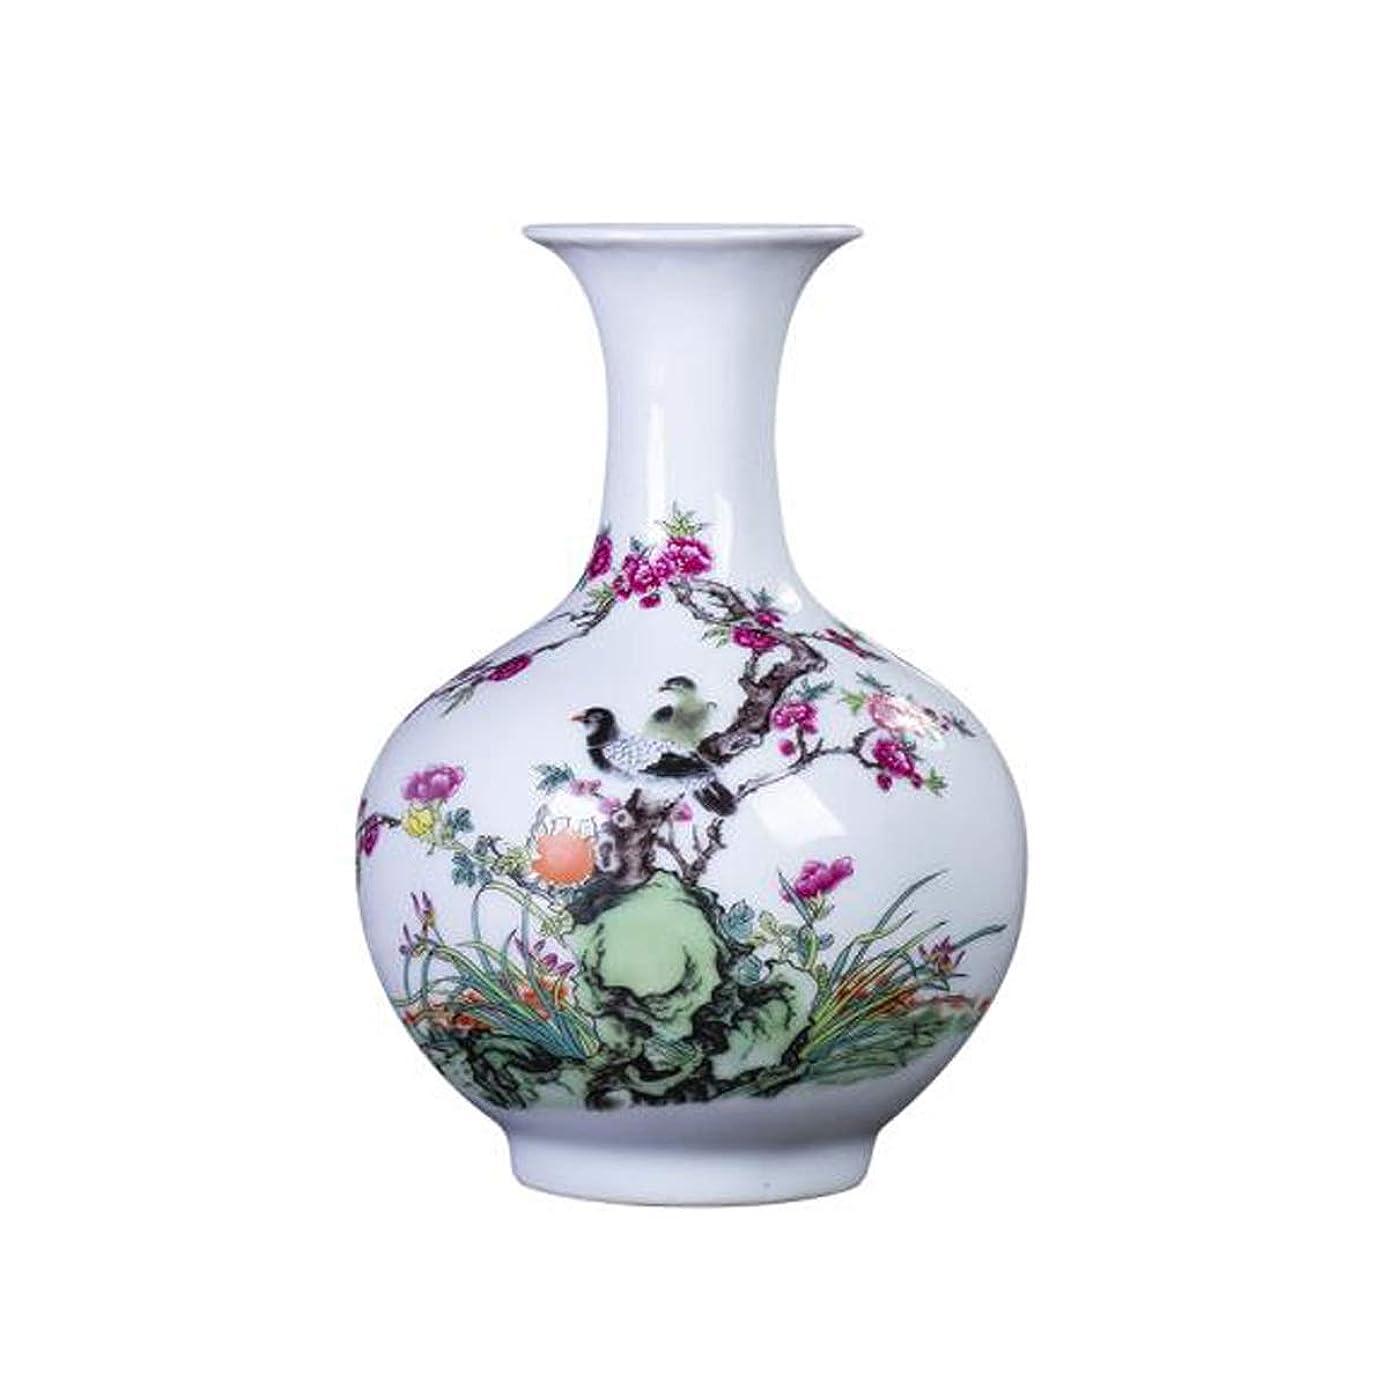 シマウマシソーラス告白CPWJD 花瓶セラミック花瓶の装飾リビングルームフラワーアレンジメントアンティーククラシックホームデコレーション (Color : White)